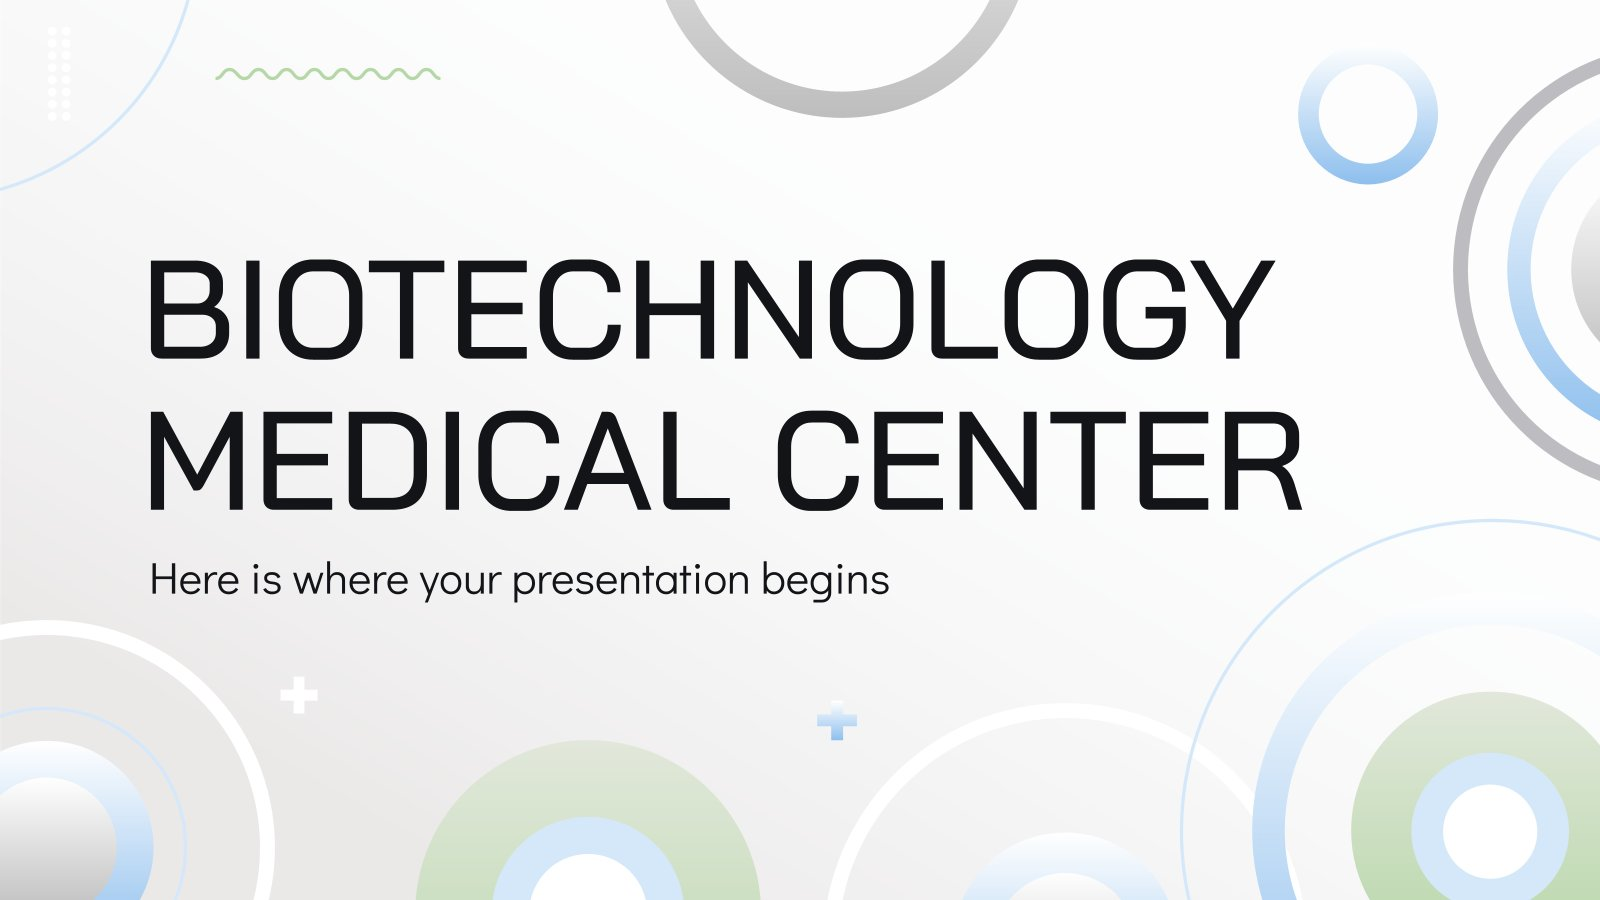 Centre médical de biotechnologie : Modèles de présentation